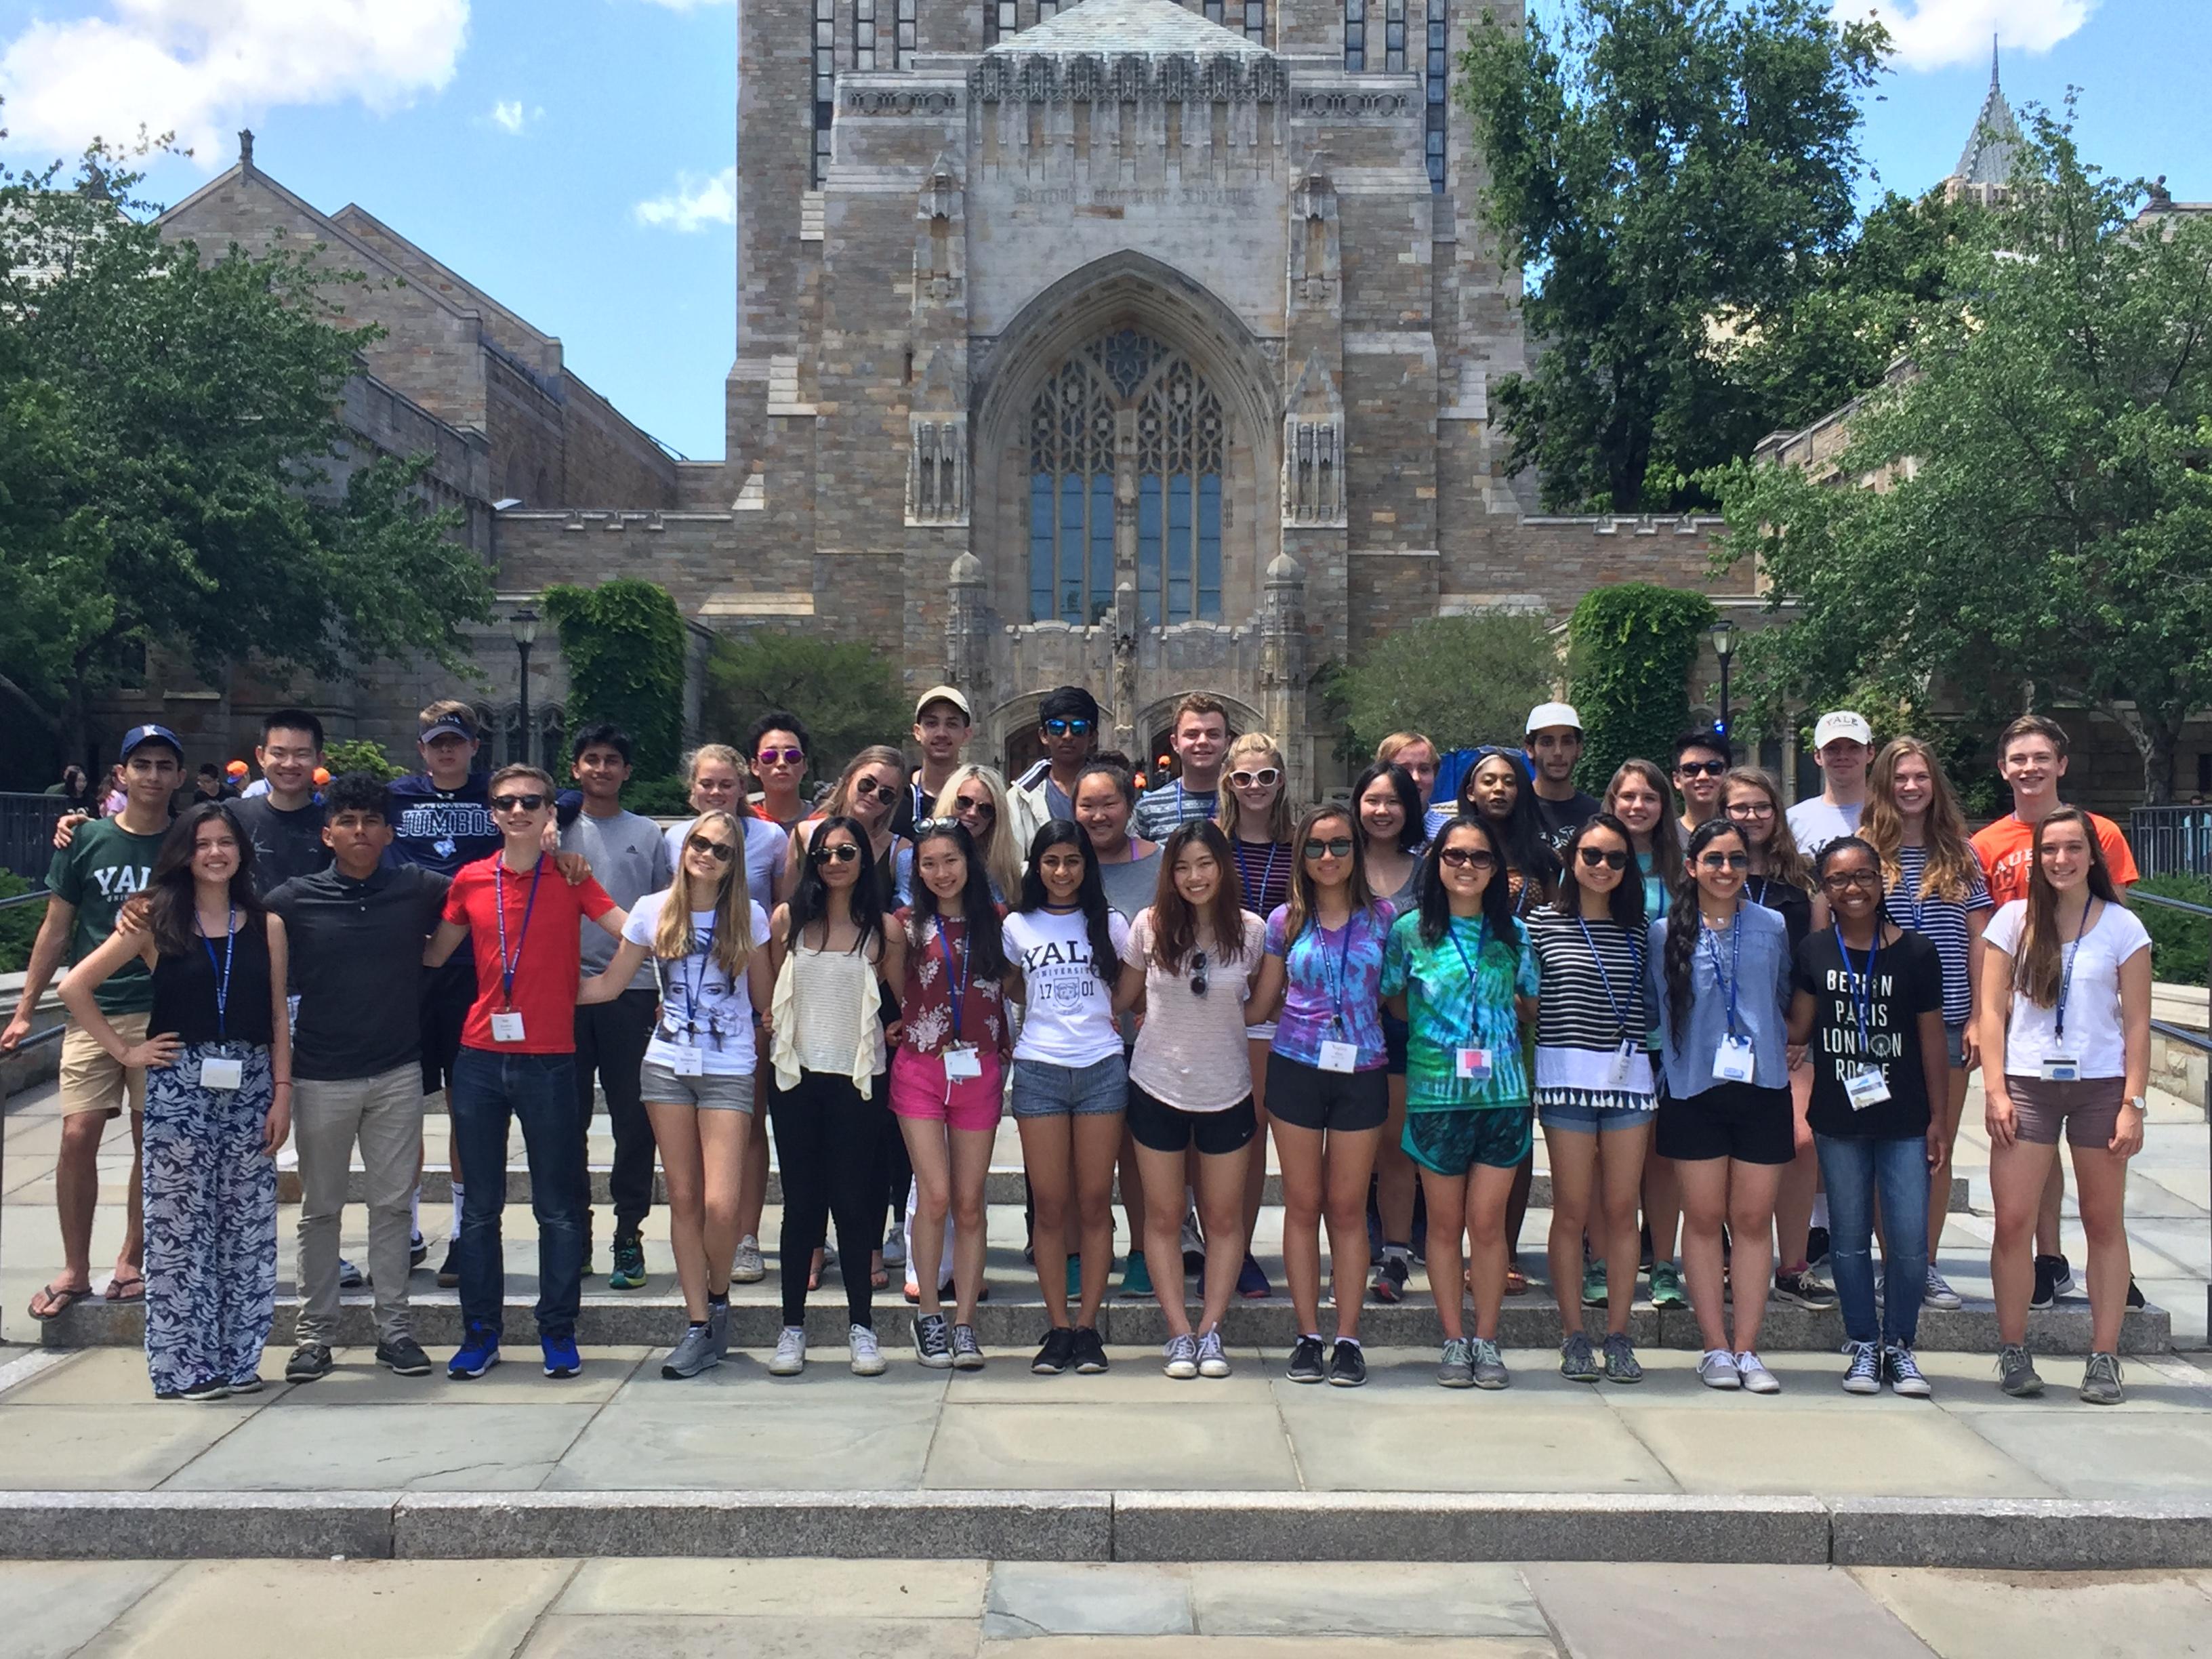 Summer Program - Entrepreneurship | Economics for Leaders @ Yale University